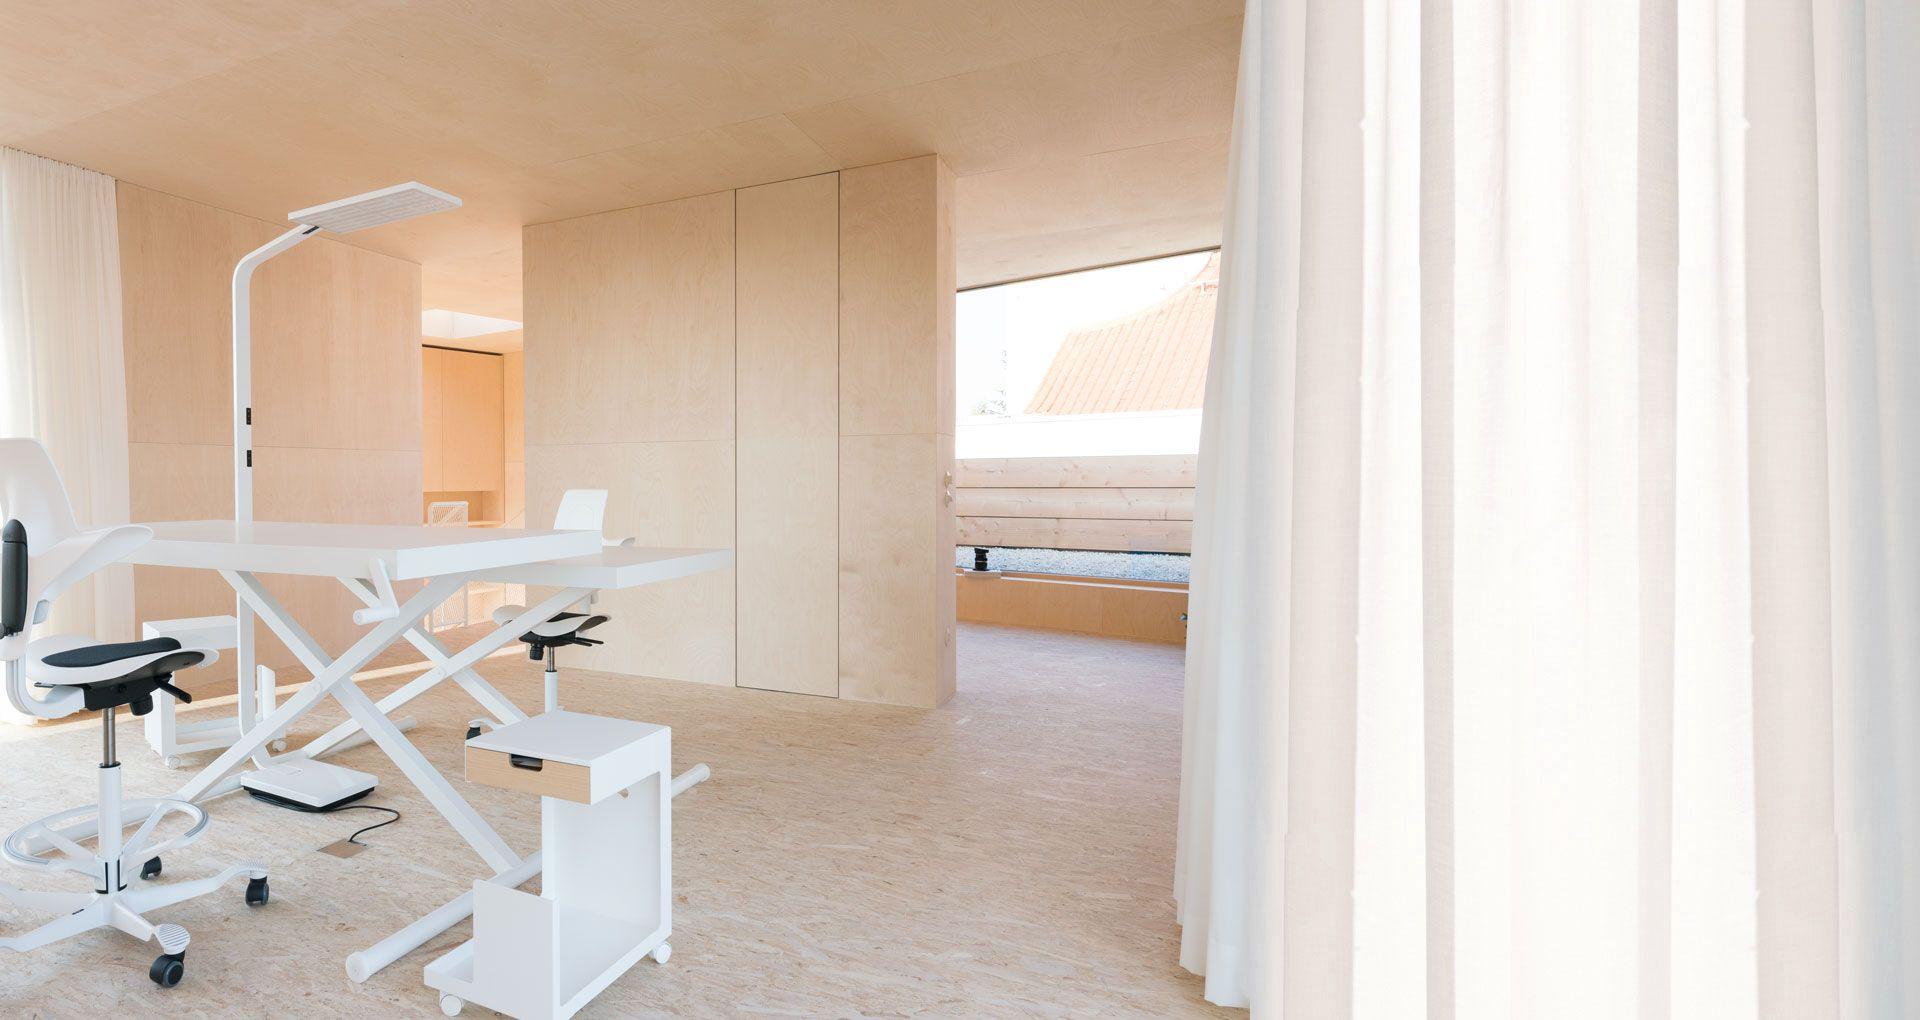 Neubau in Mainz, schlichte Materialien, Wand-/Deckenverkleidung ...